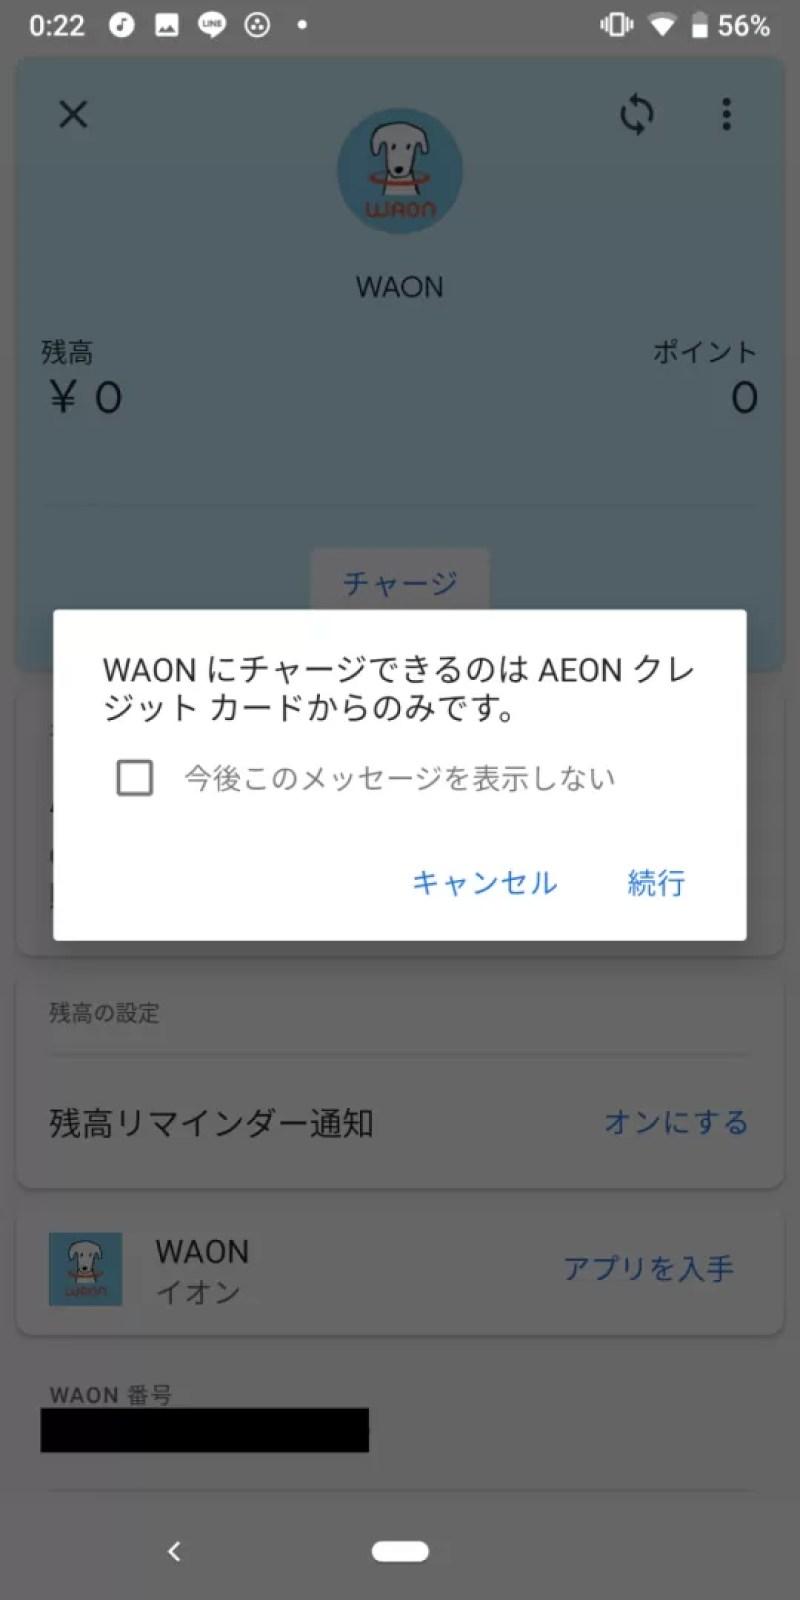 WAONはAEONクレジットカードのみ